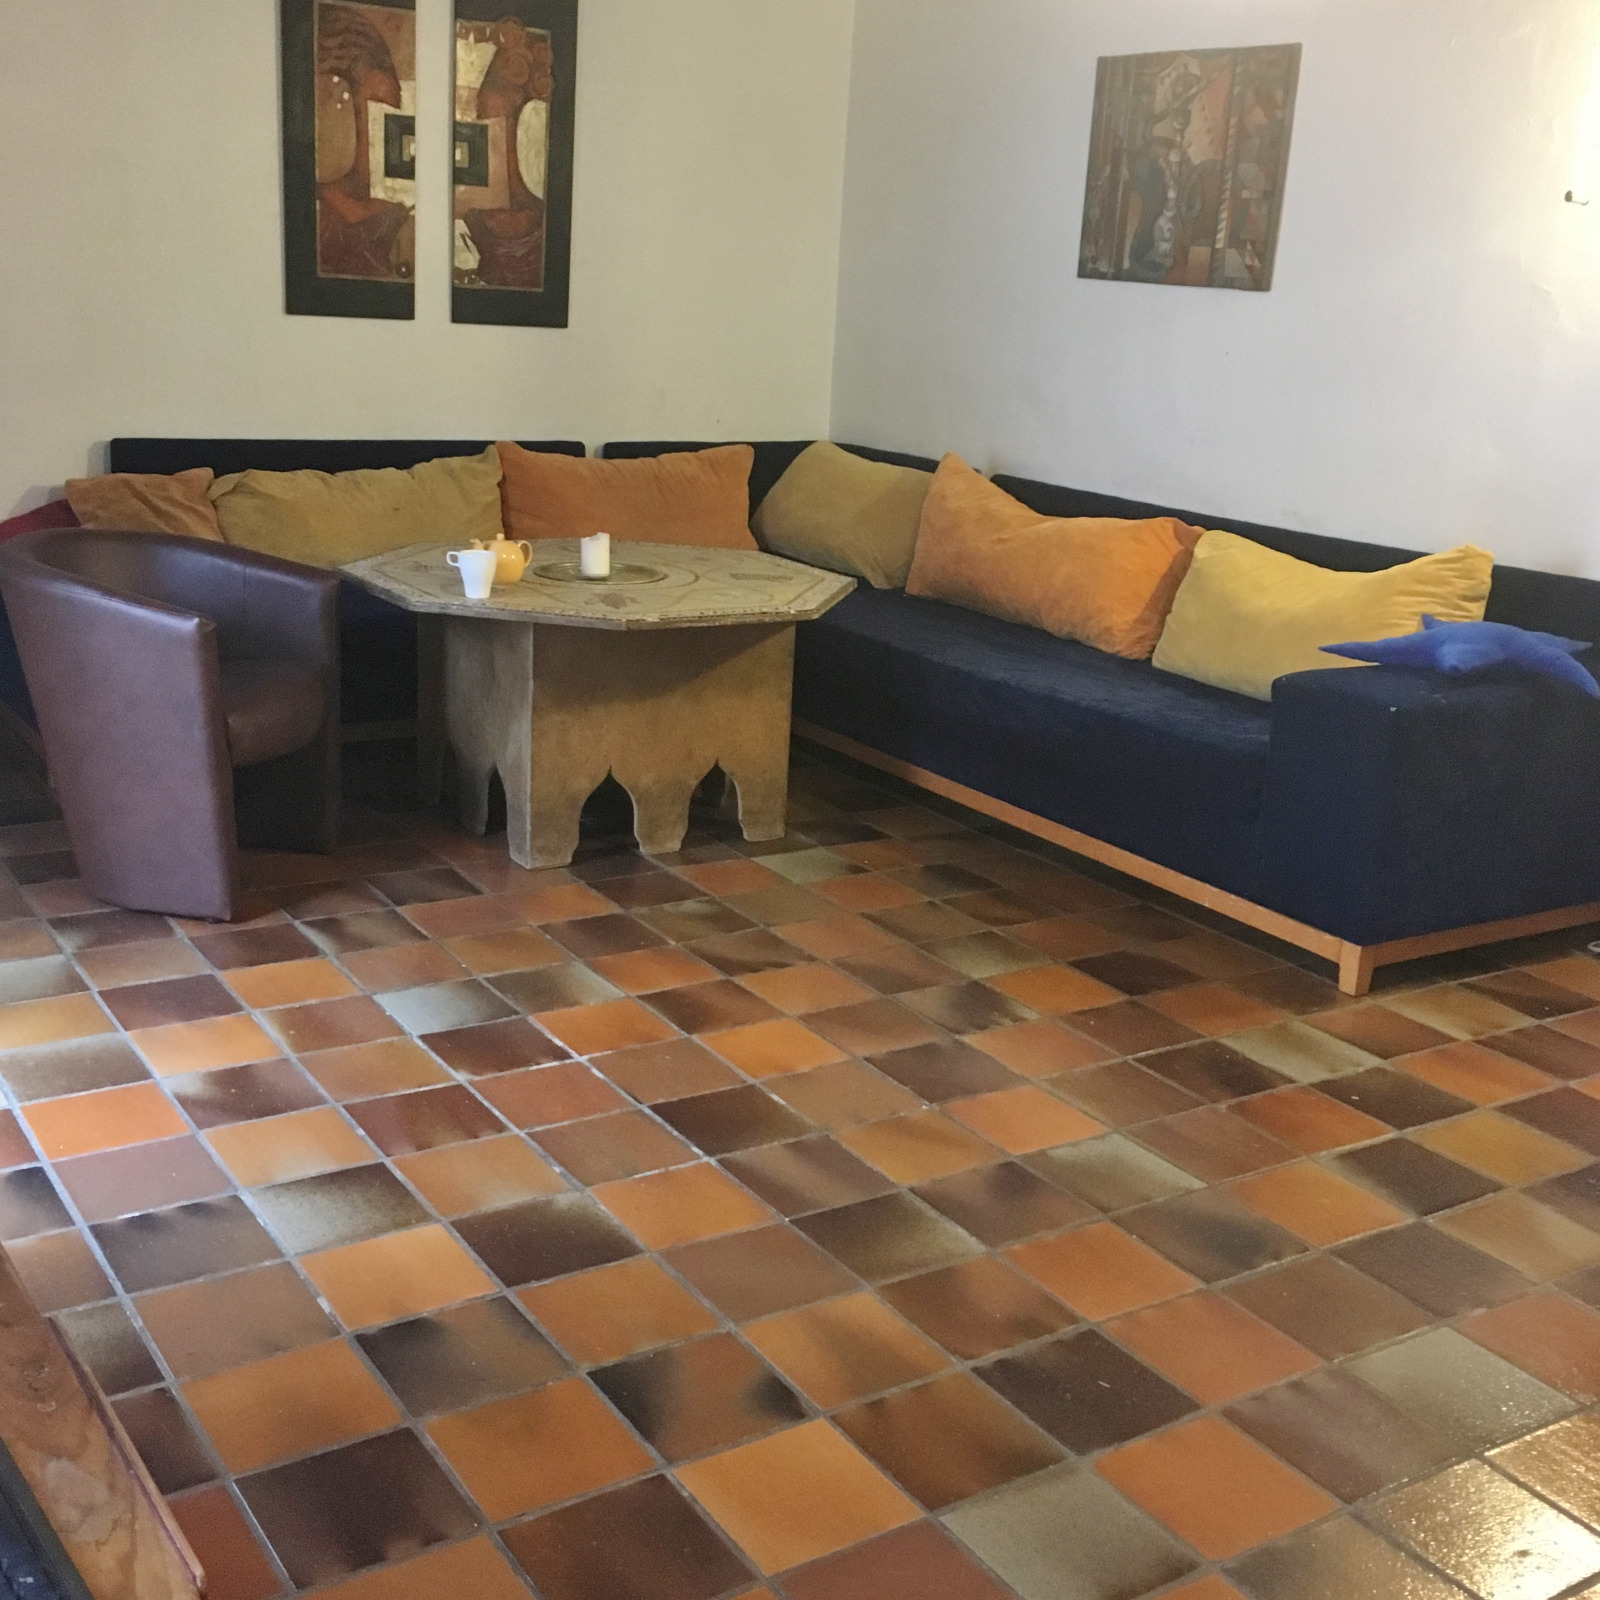 manosque maison bourgeoise de 160 m avec terrase piscine cave dependance et local. Black Bedroom Furniture Sets. Home Design Ideas